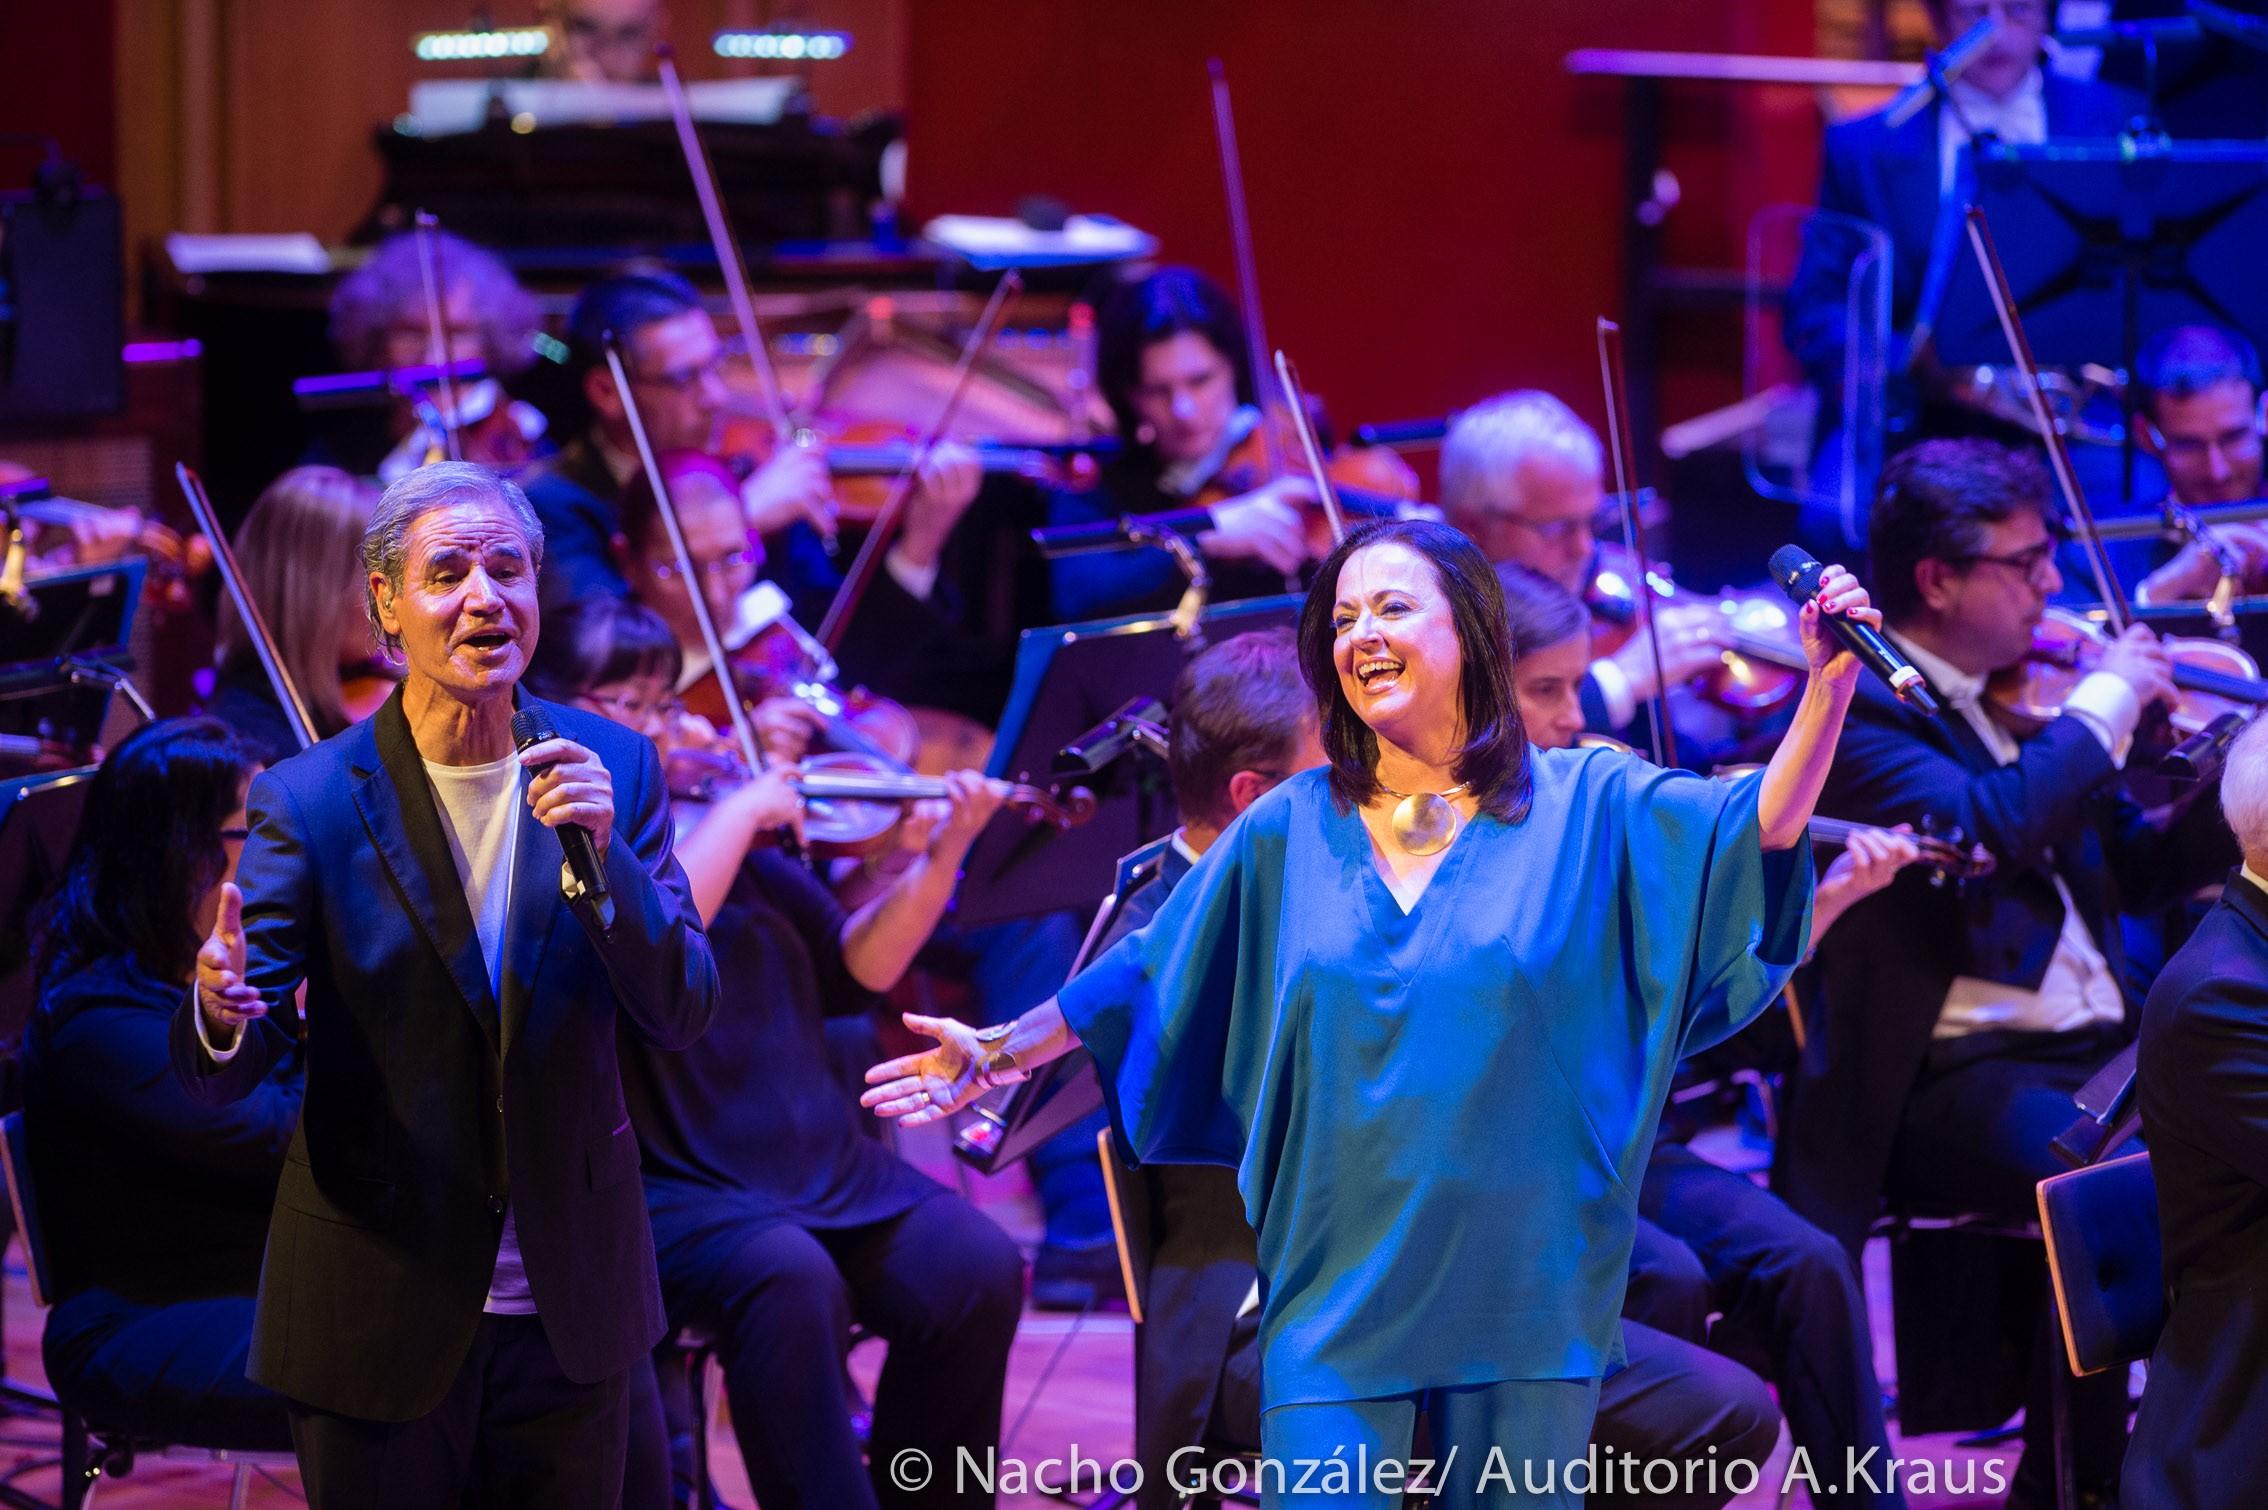 Luis Morera y la Orquesta Filarmónica de Gran Canaria comparten su concierto en redes